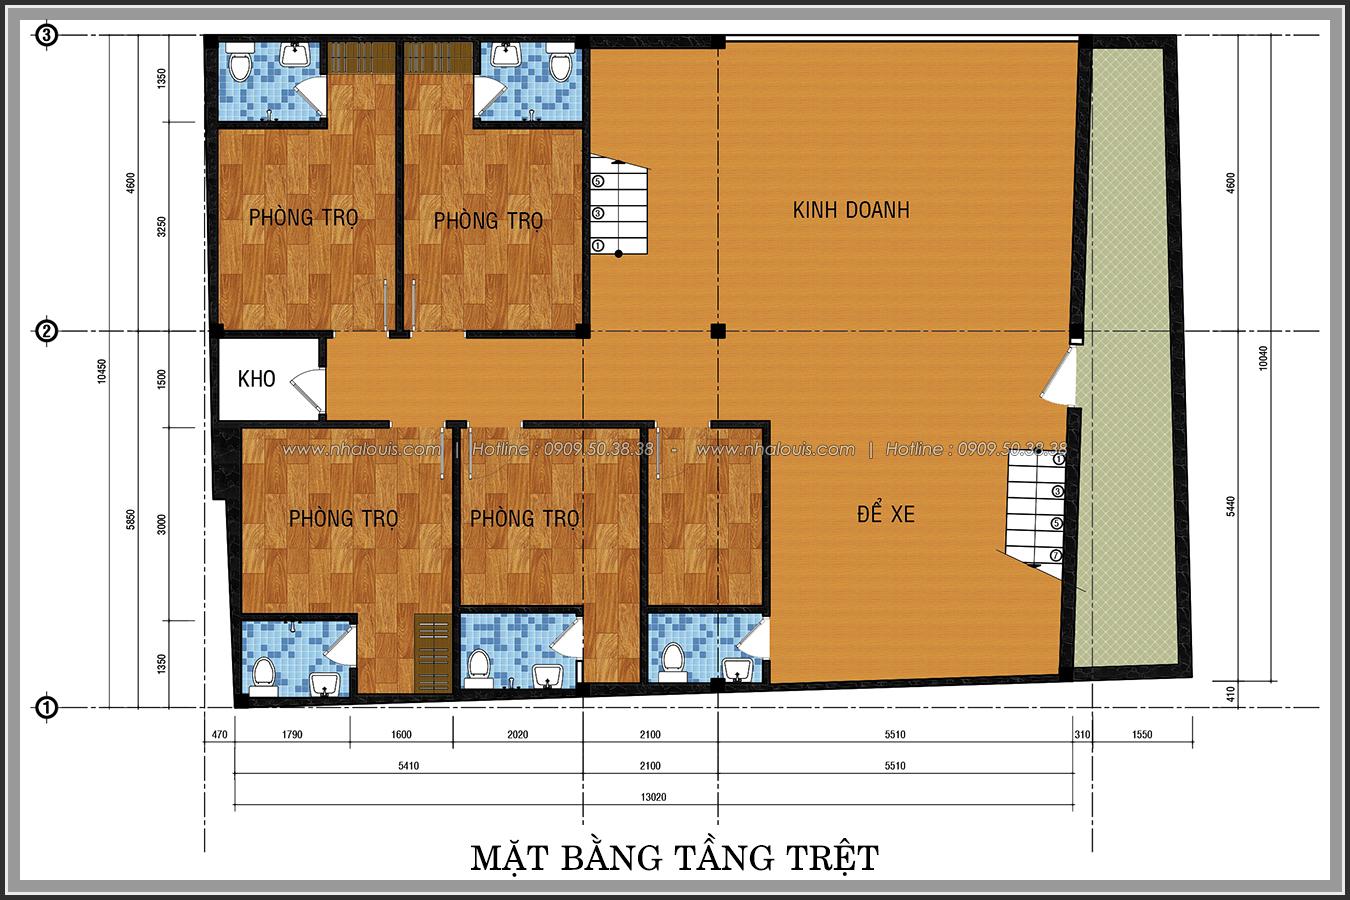 Đầu tư sinh lợi với thiết kế phòng trọ 15m2 tại Quận Bình Thạnh - 3